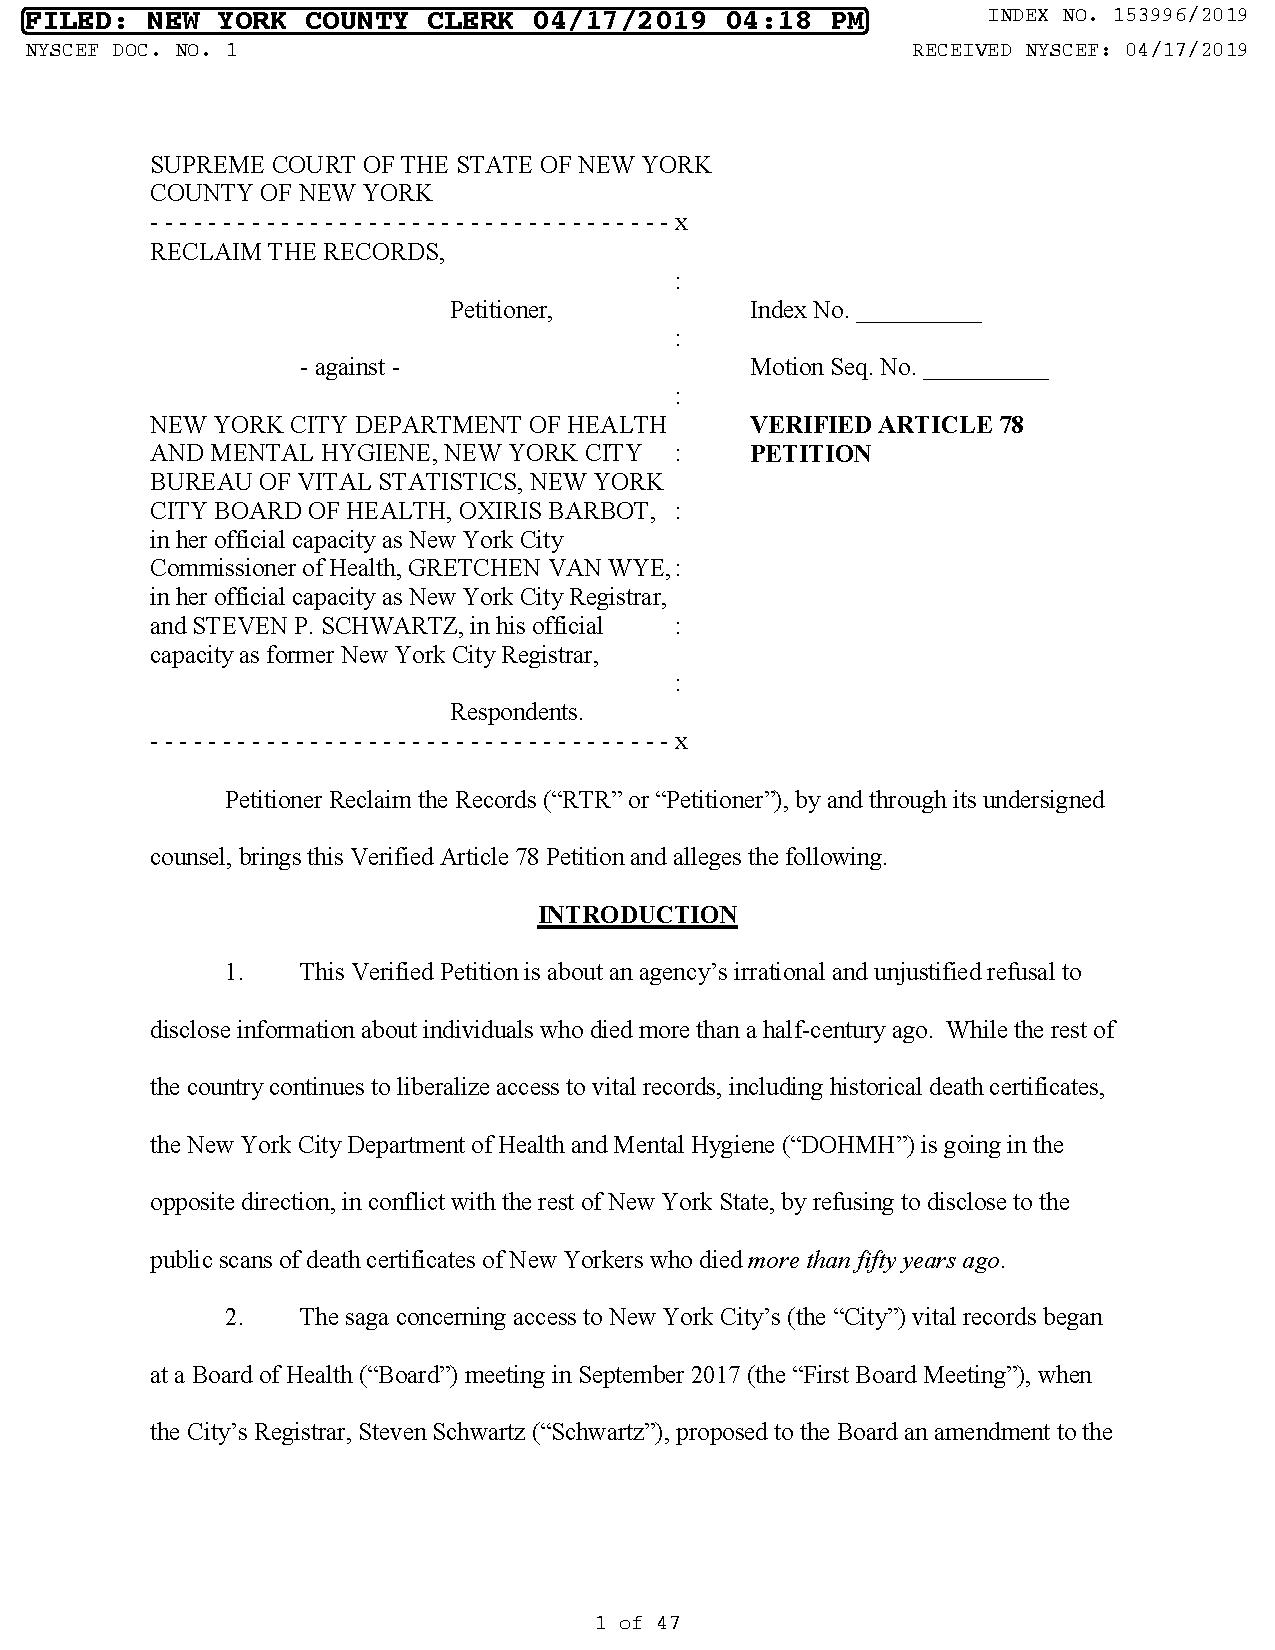 Article 78 Petition (Lawsuit)